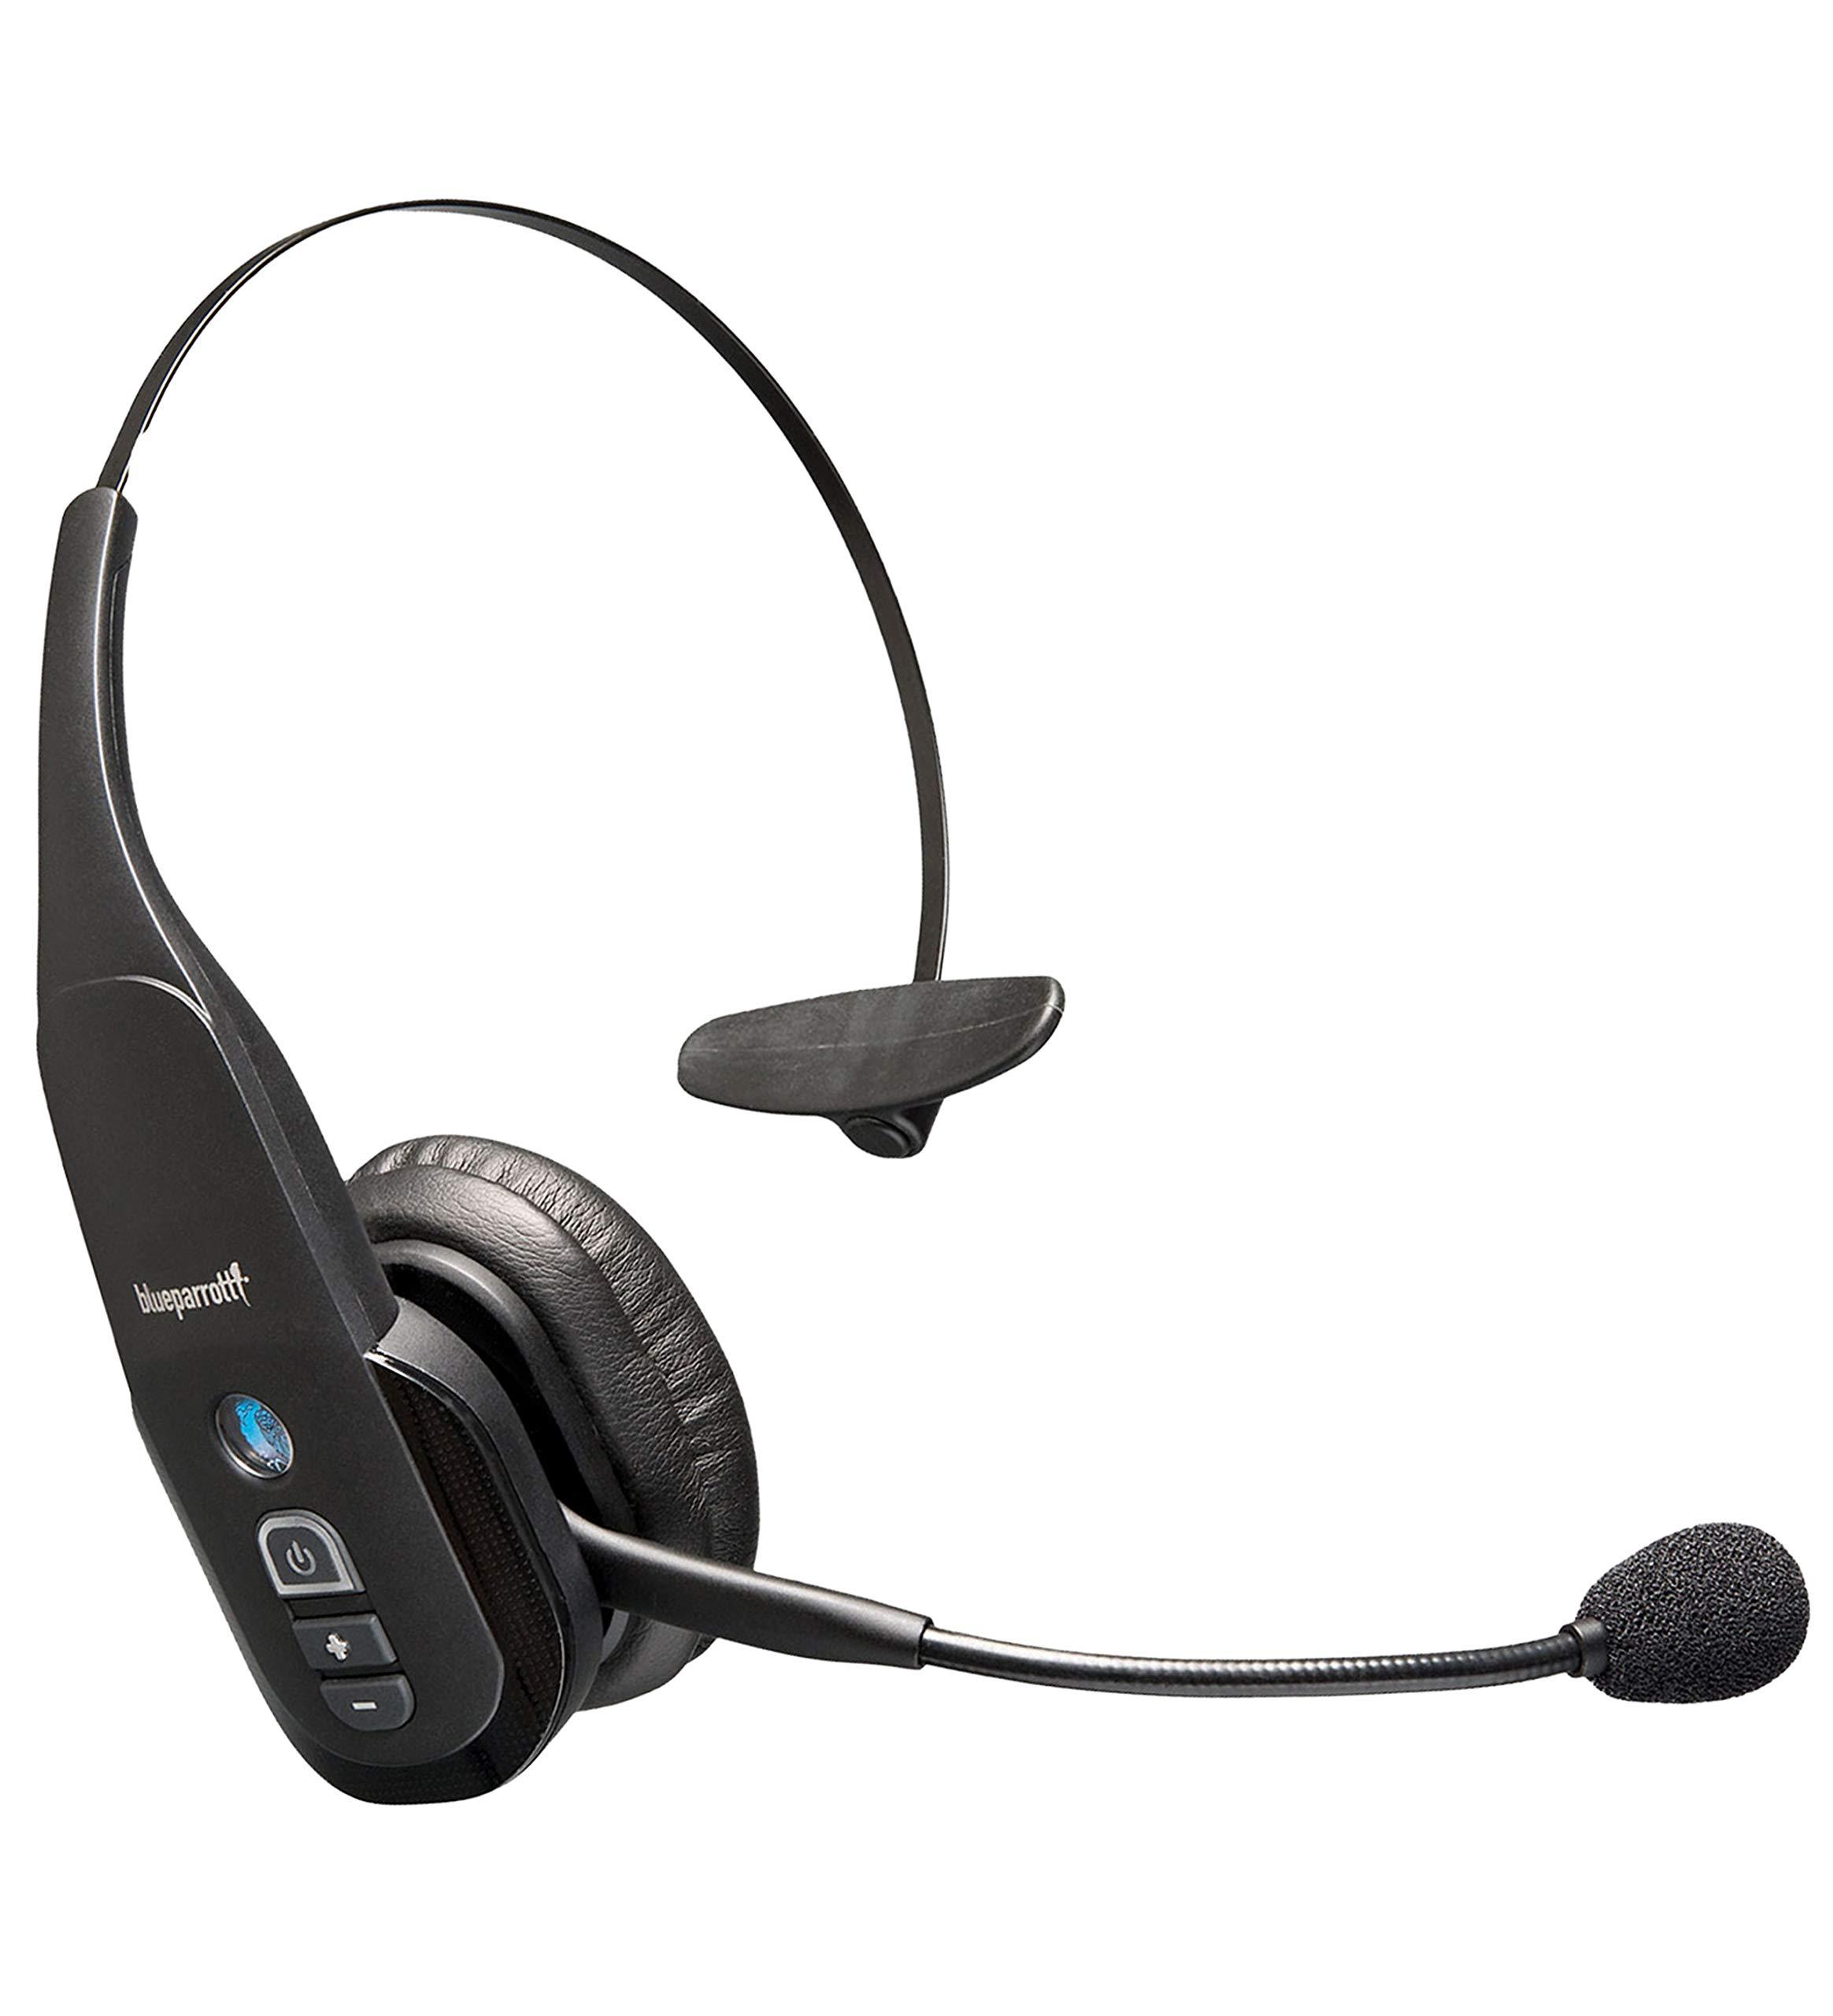 BlueParrott VXi B350-XT Wireless Noise Canceling Headset